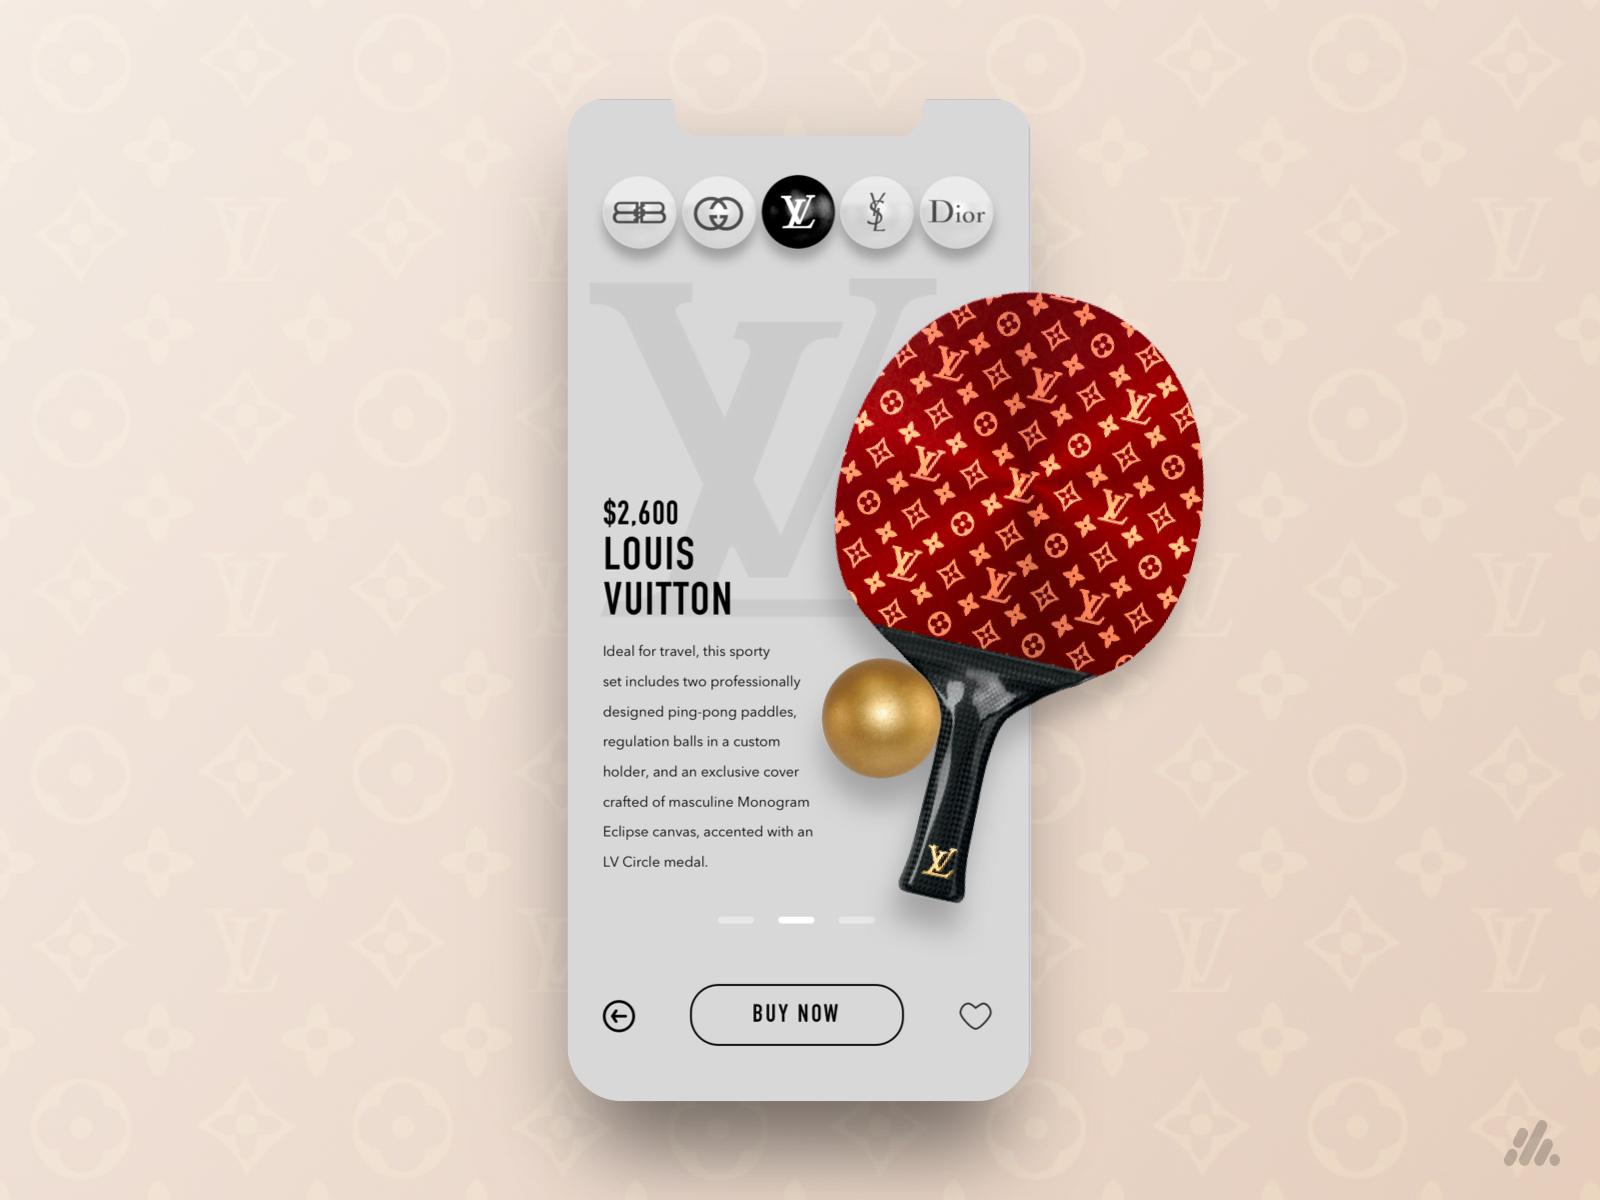 Louis Vuitton - Table Tennis Store App